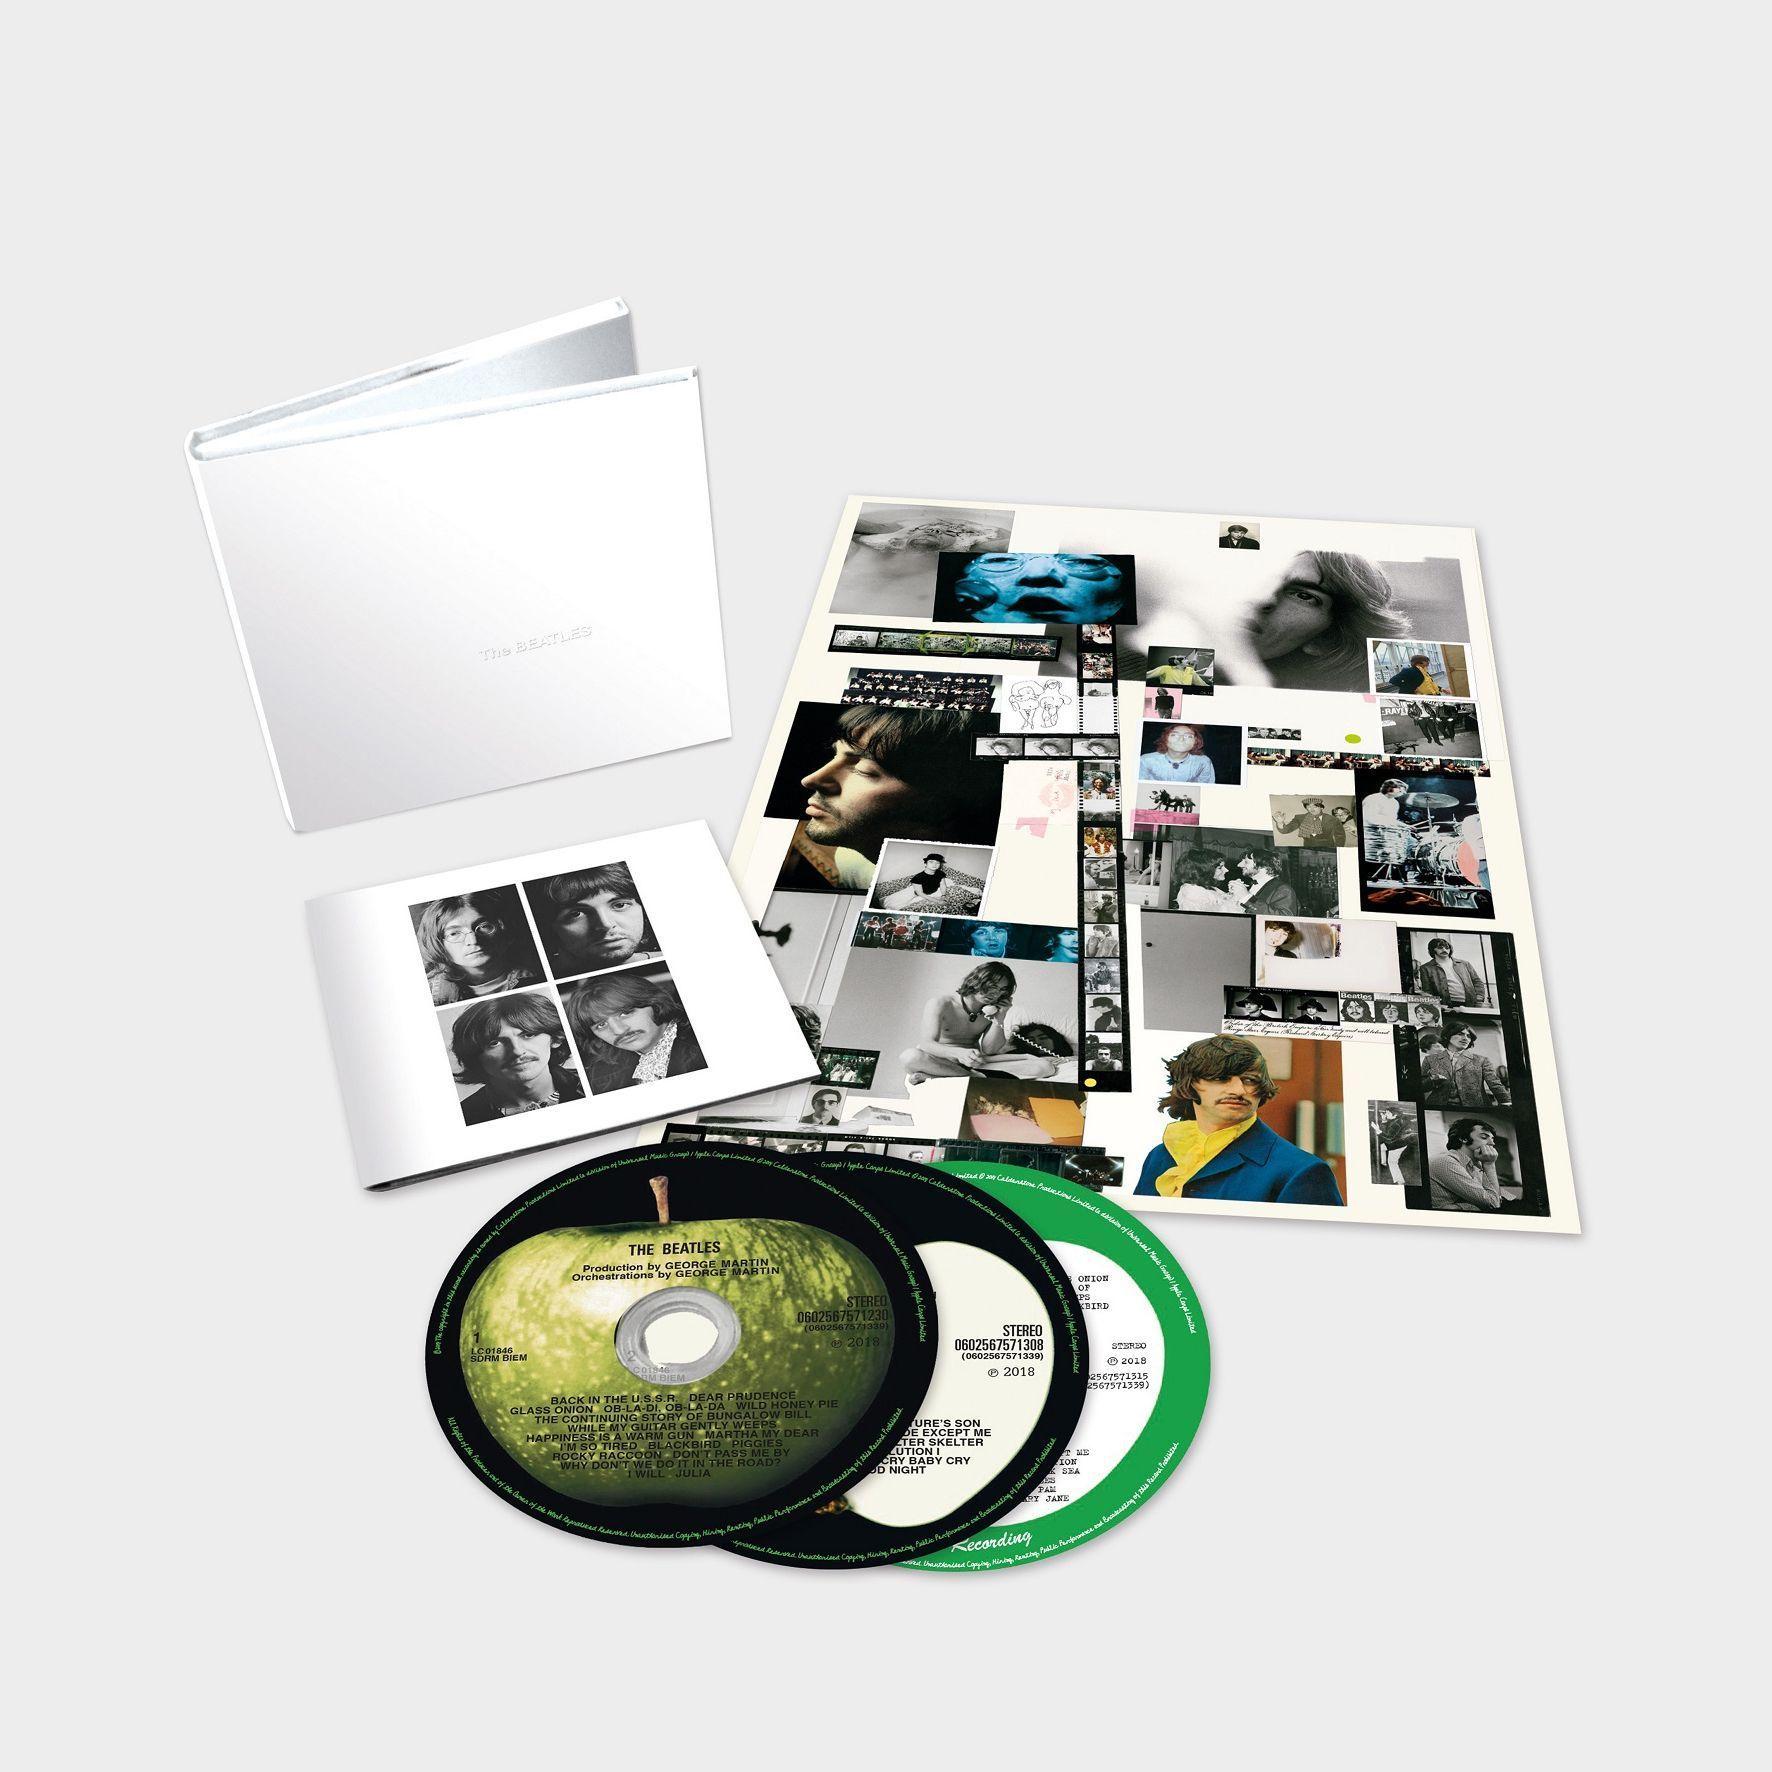 BEATLES / ビートルズ / ザ・ビートルズ(ホワイト・アルバム) <3SHM-CD デラックス・エディション>